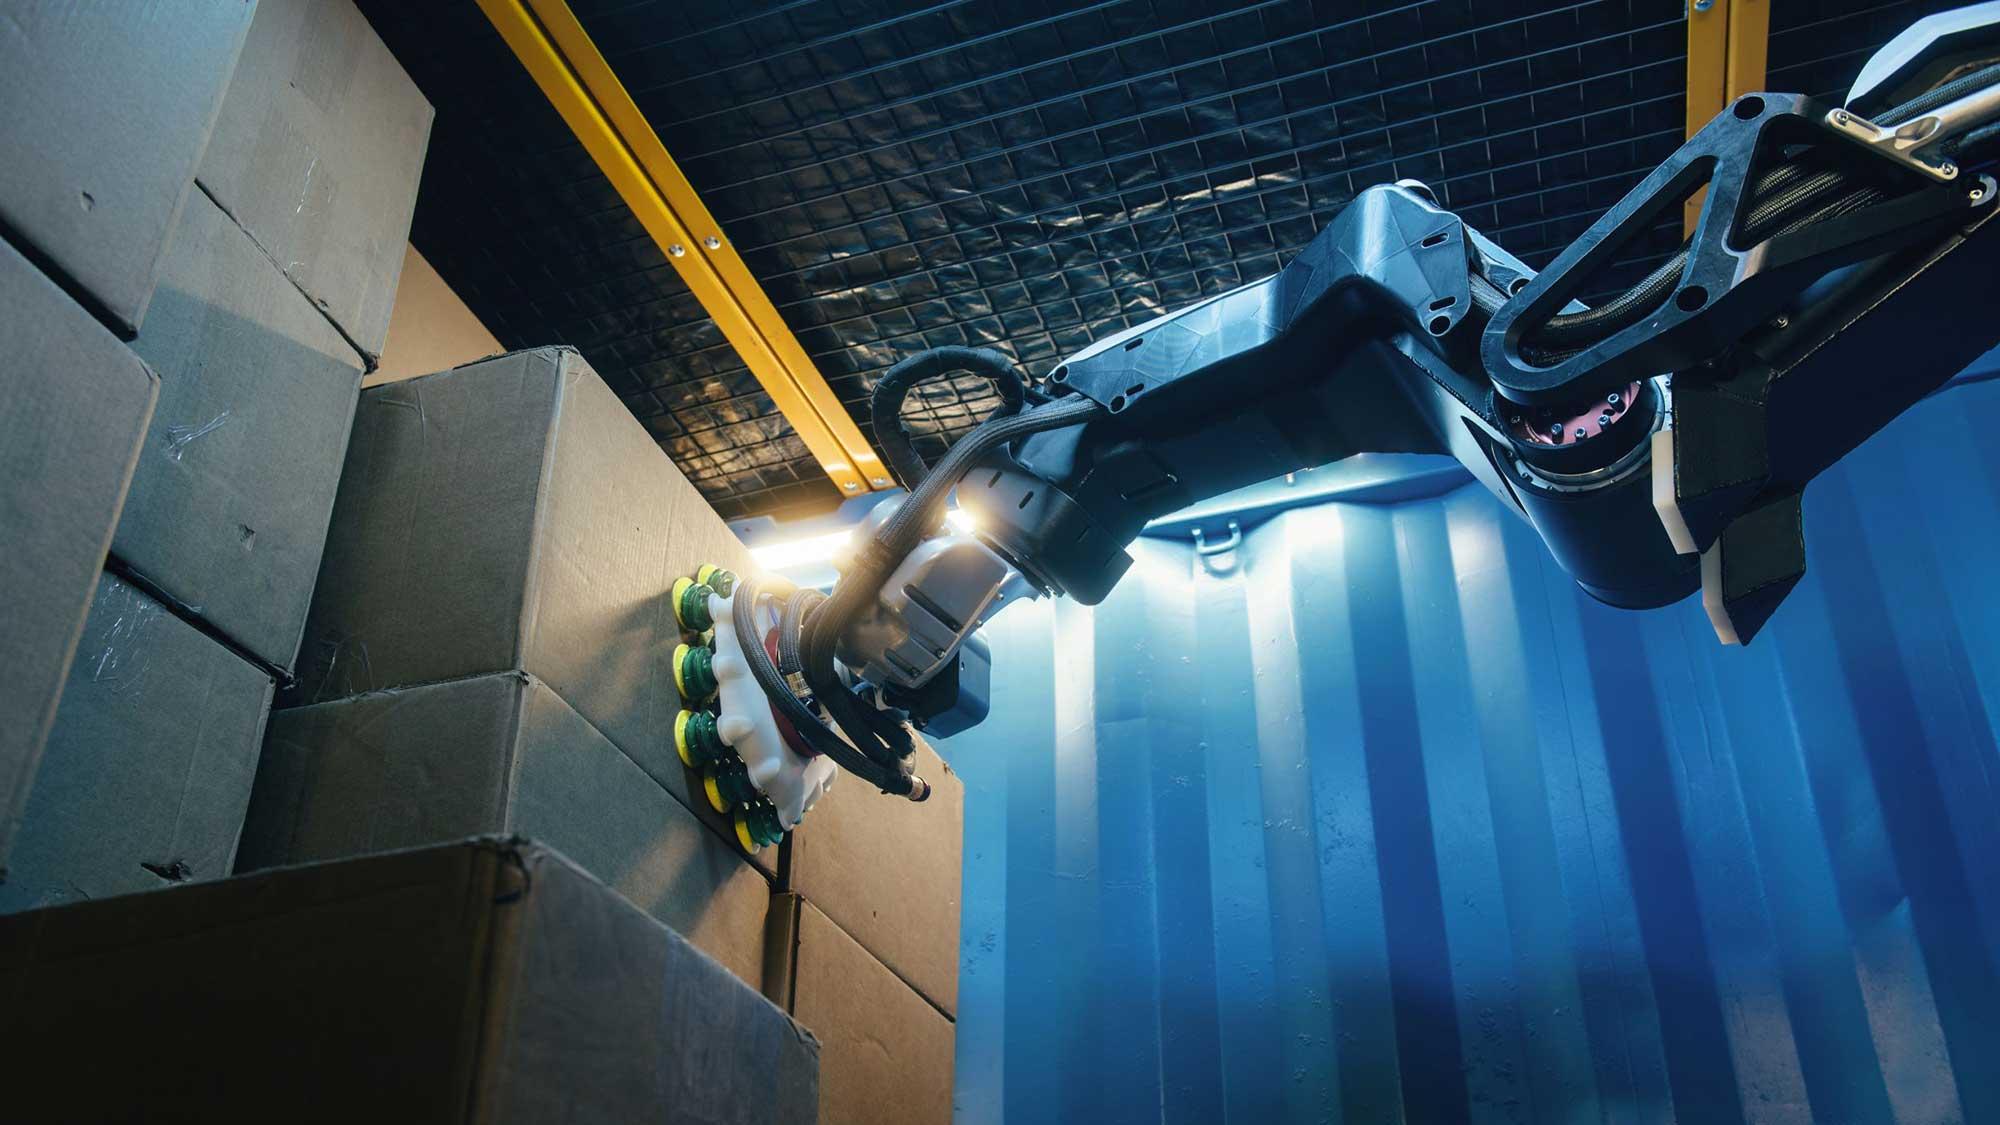 Boston Dynamics Stretch Warehouse Robot